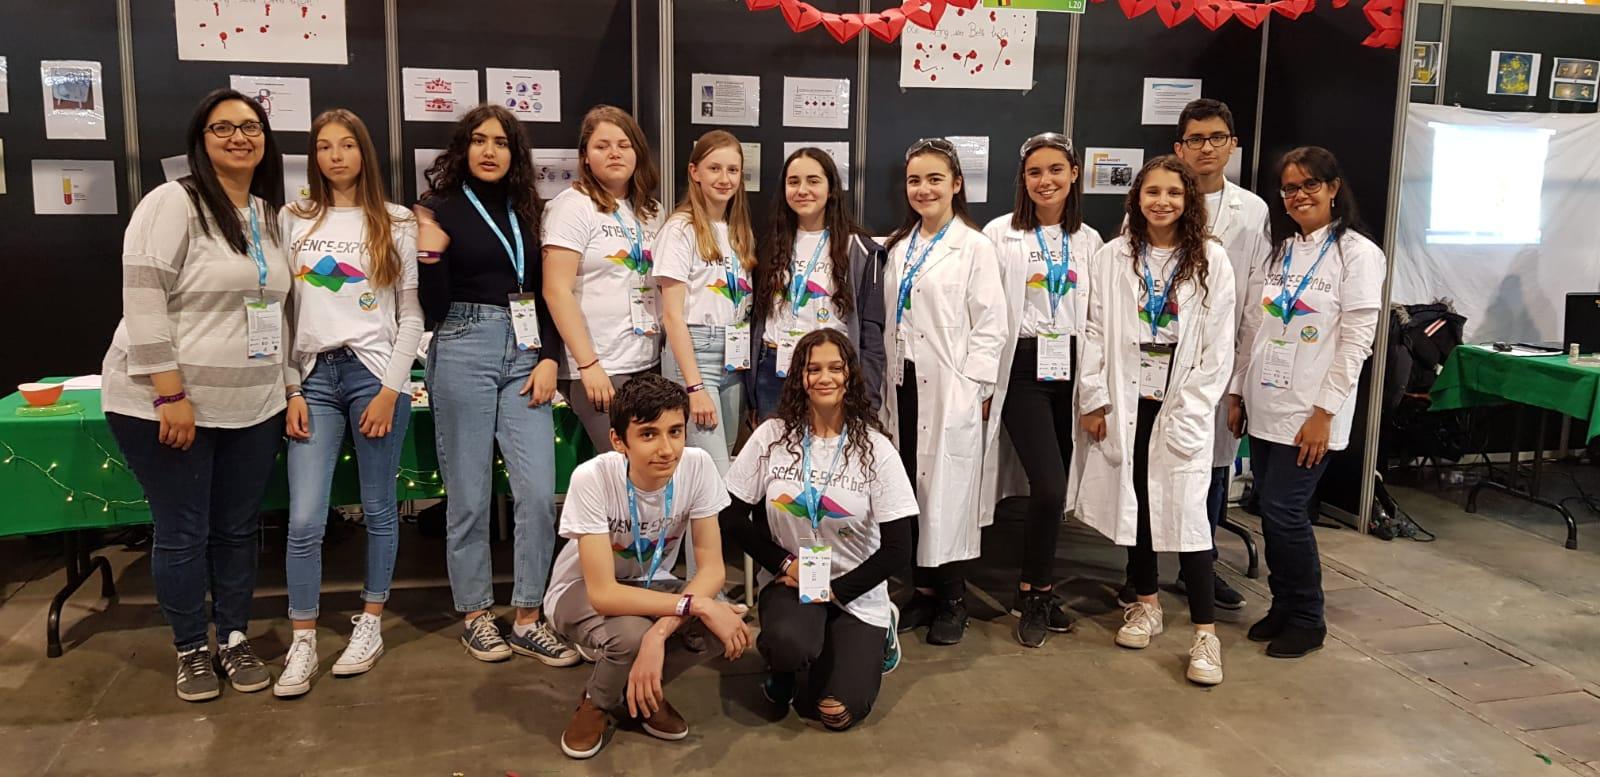 Les élèves De L'ARJette Gagnent Deux Prix à L'expo-Scinces 2019 !